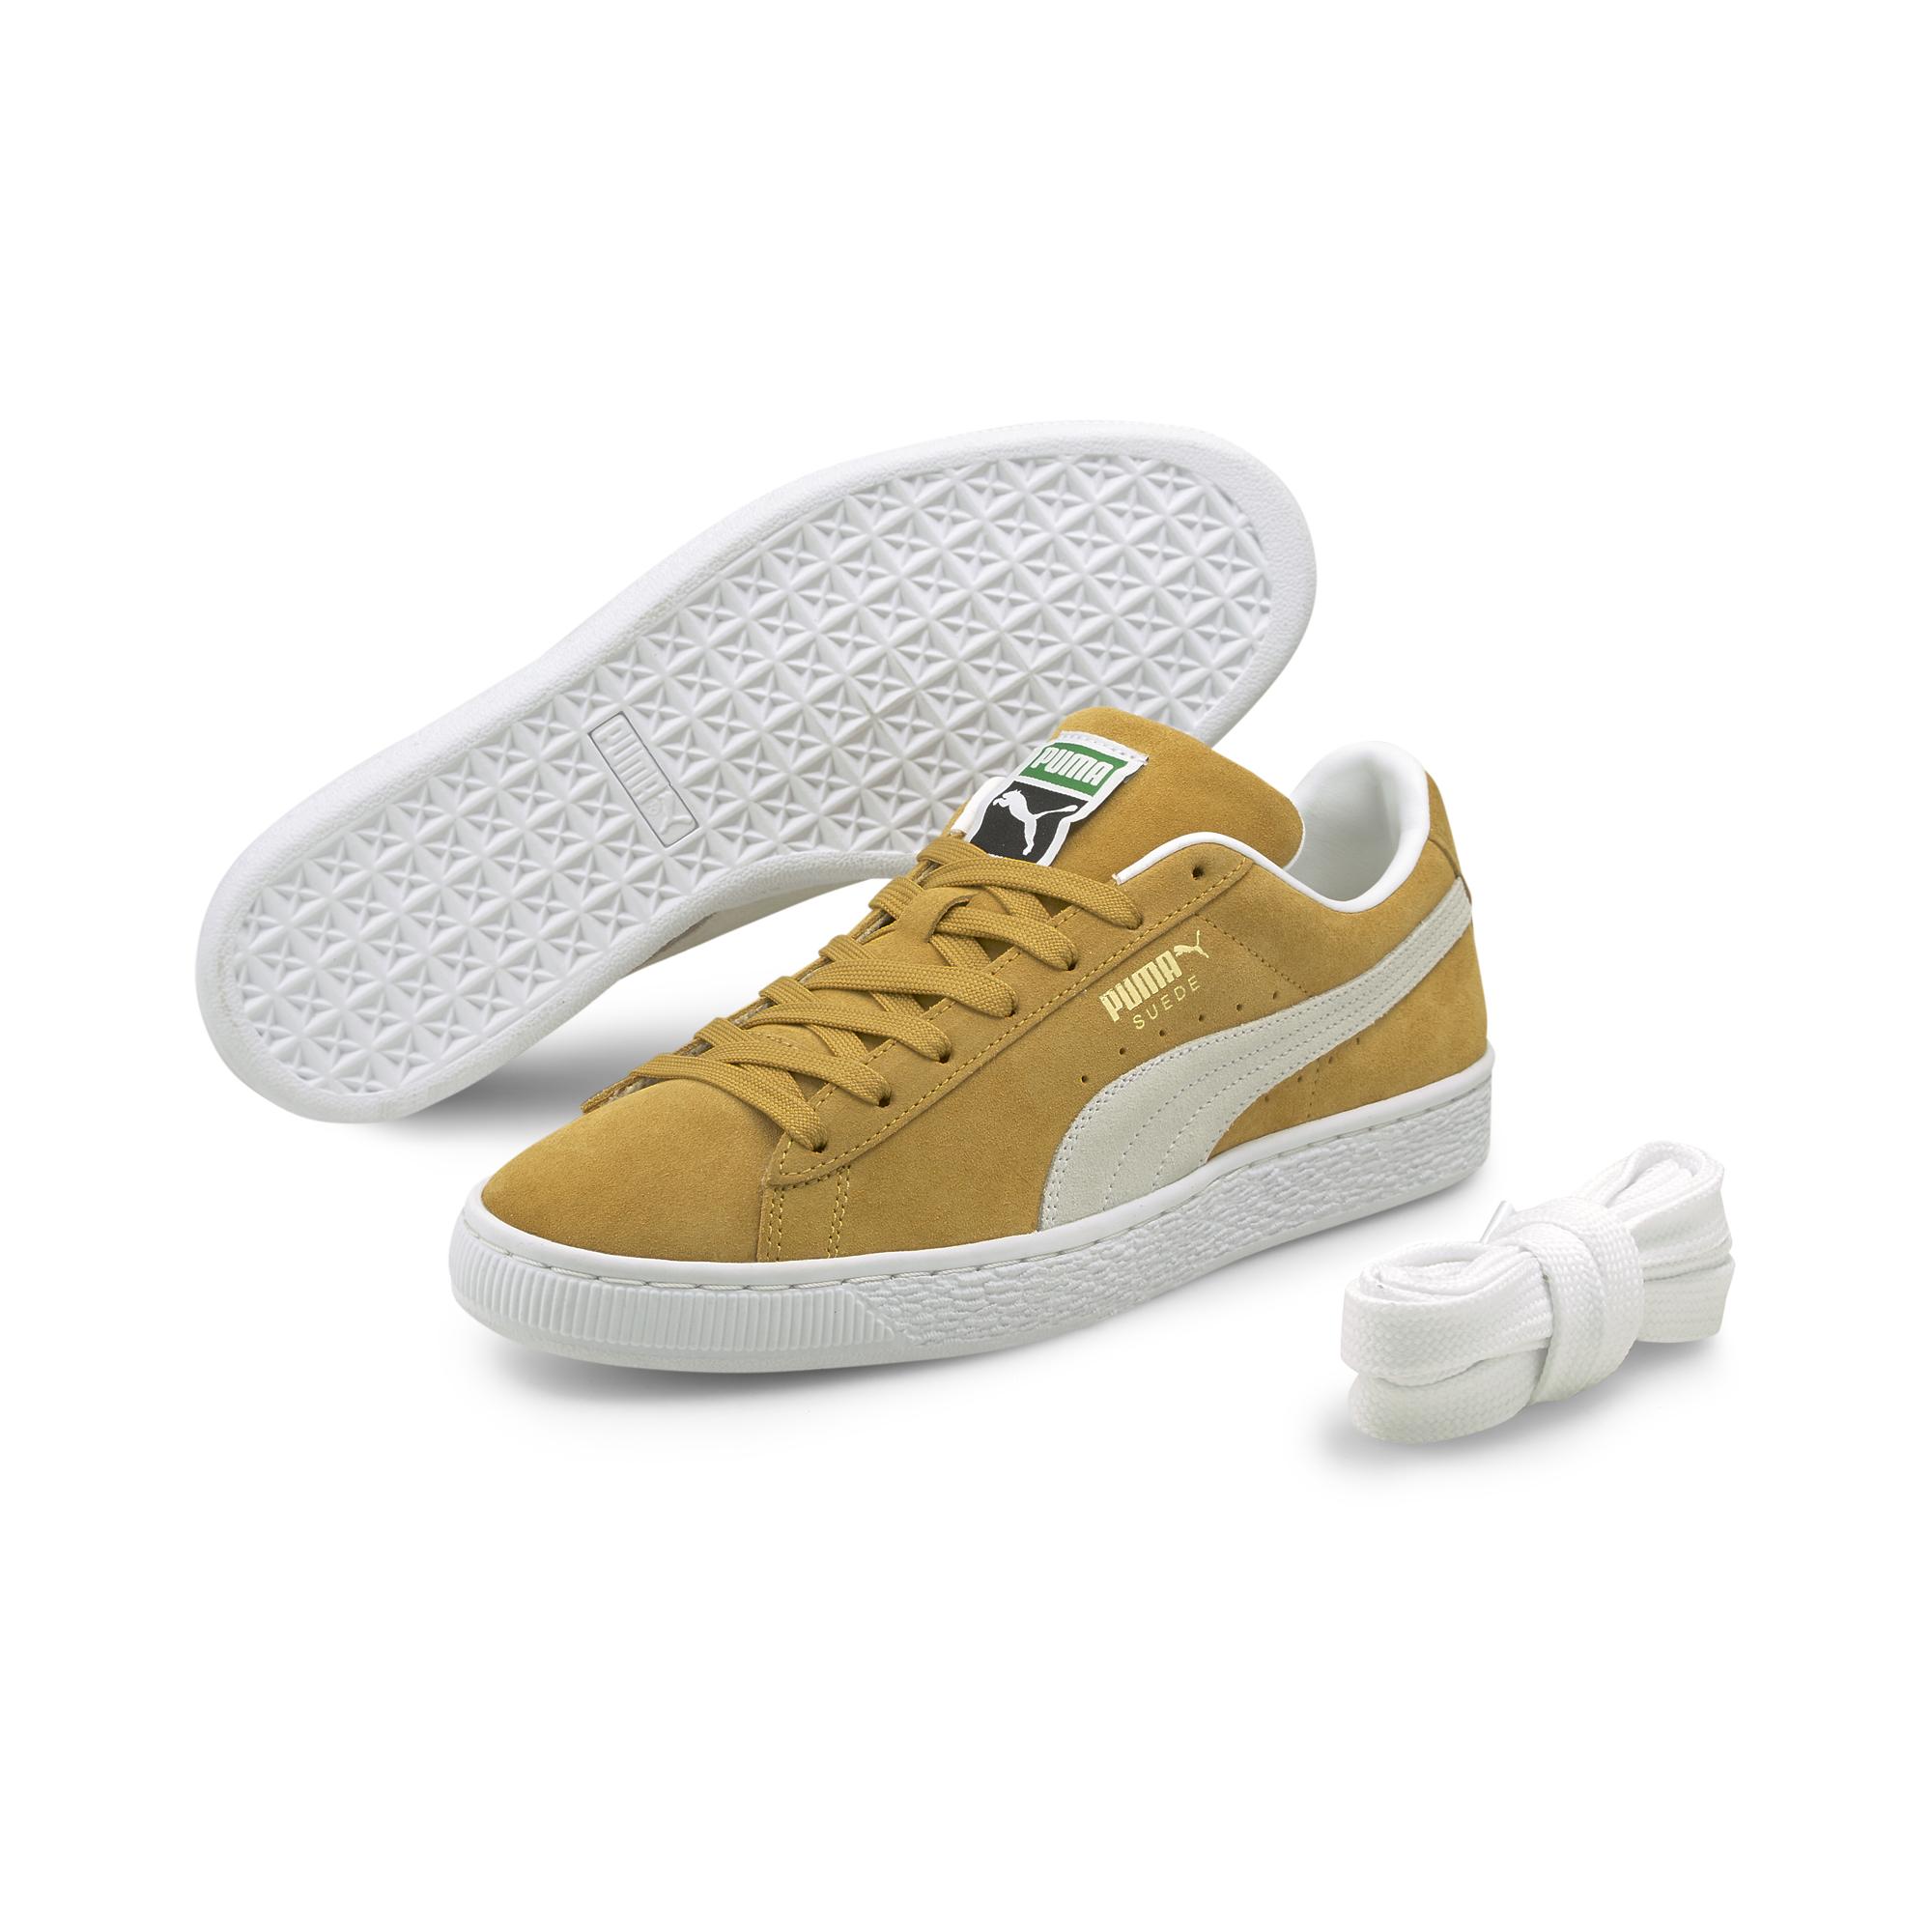 Puma Suede Classic XXI sneakers